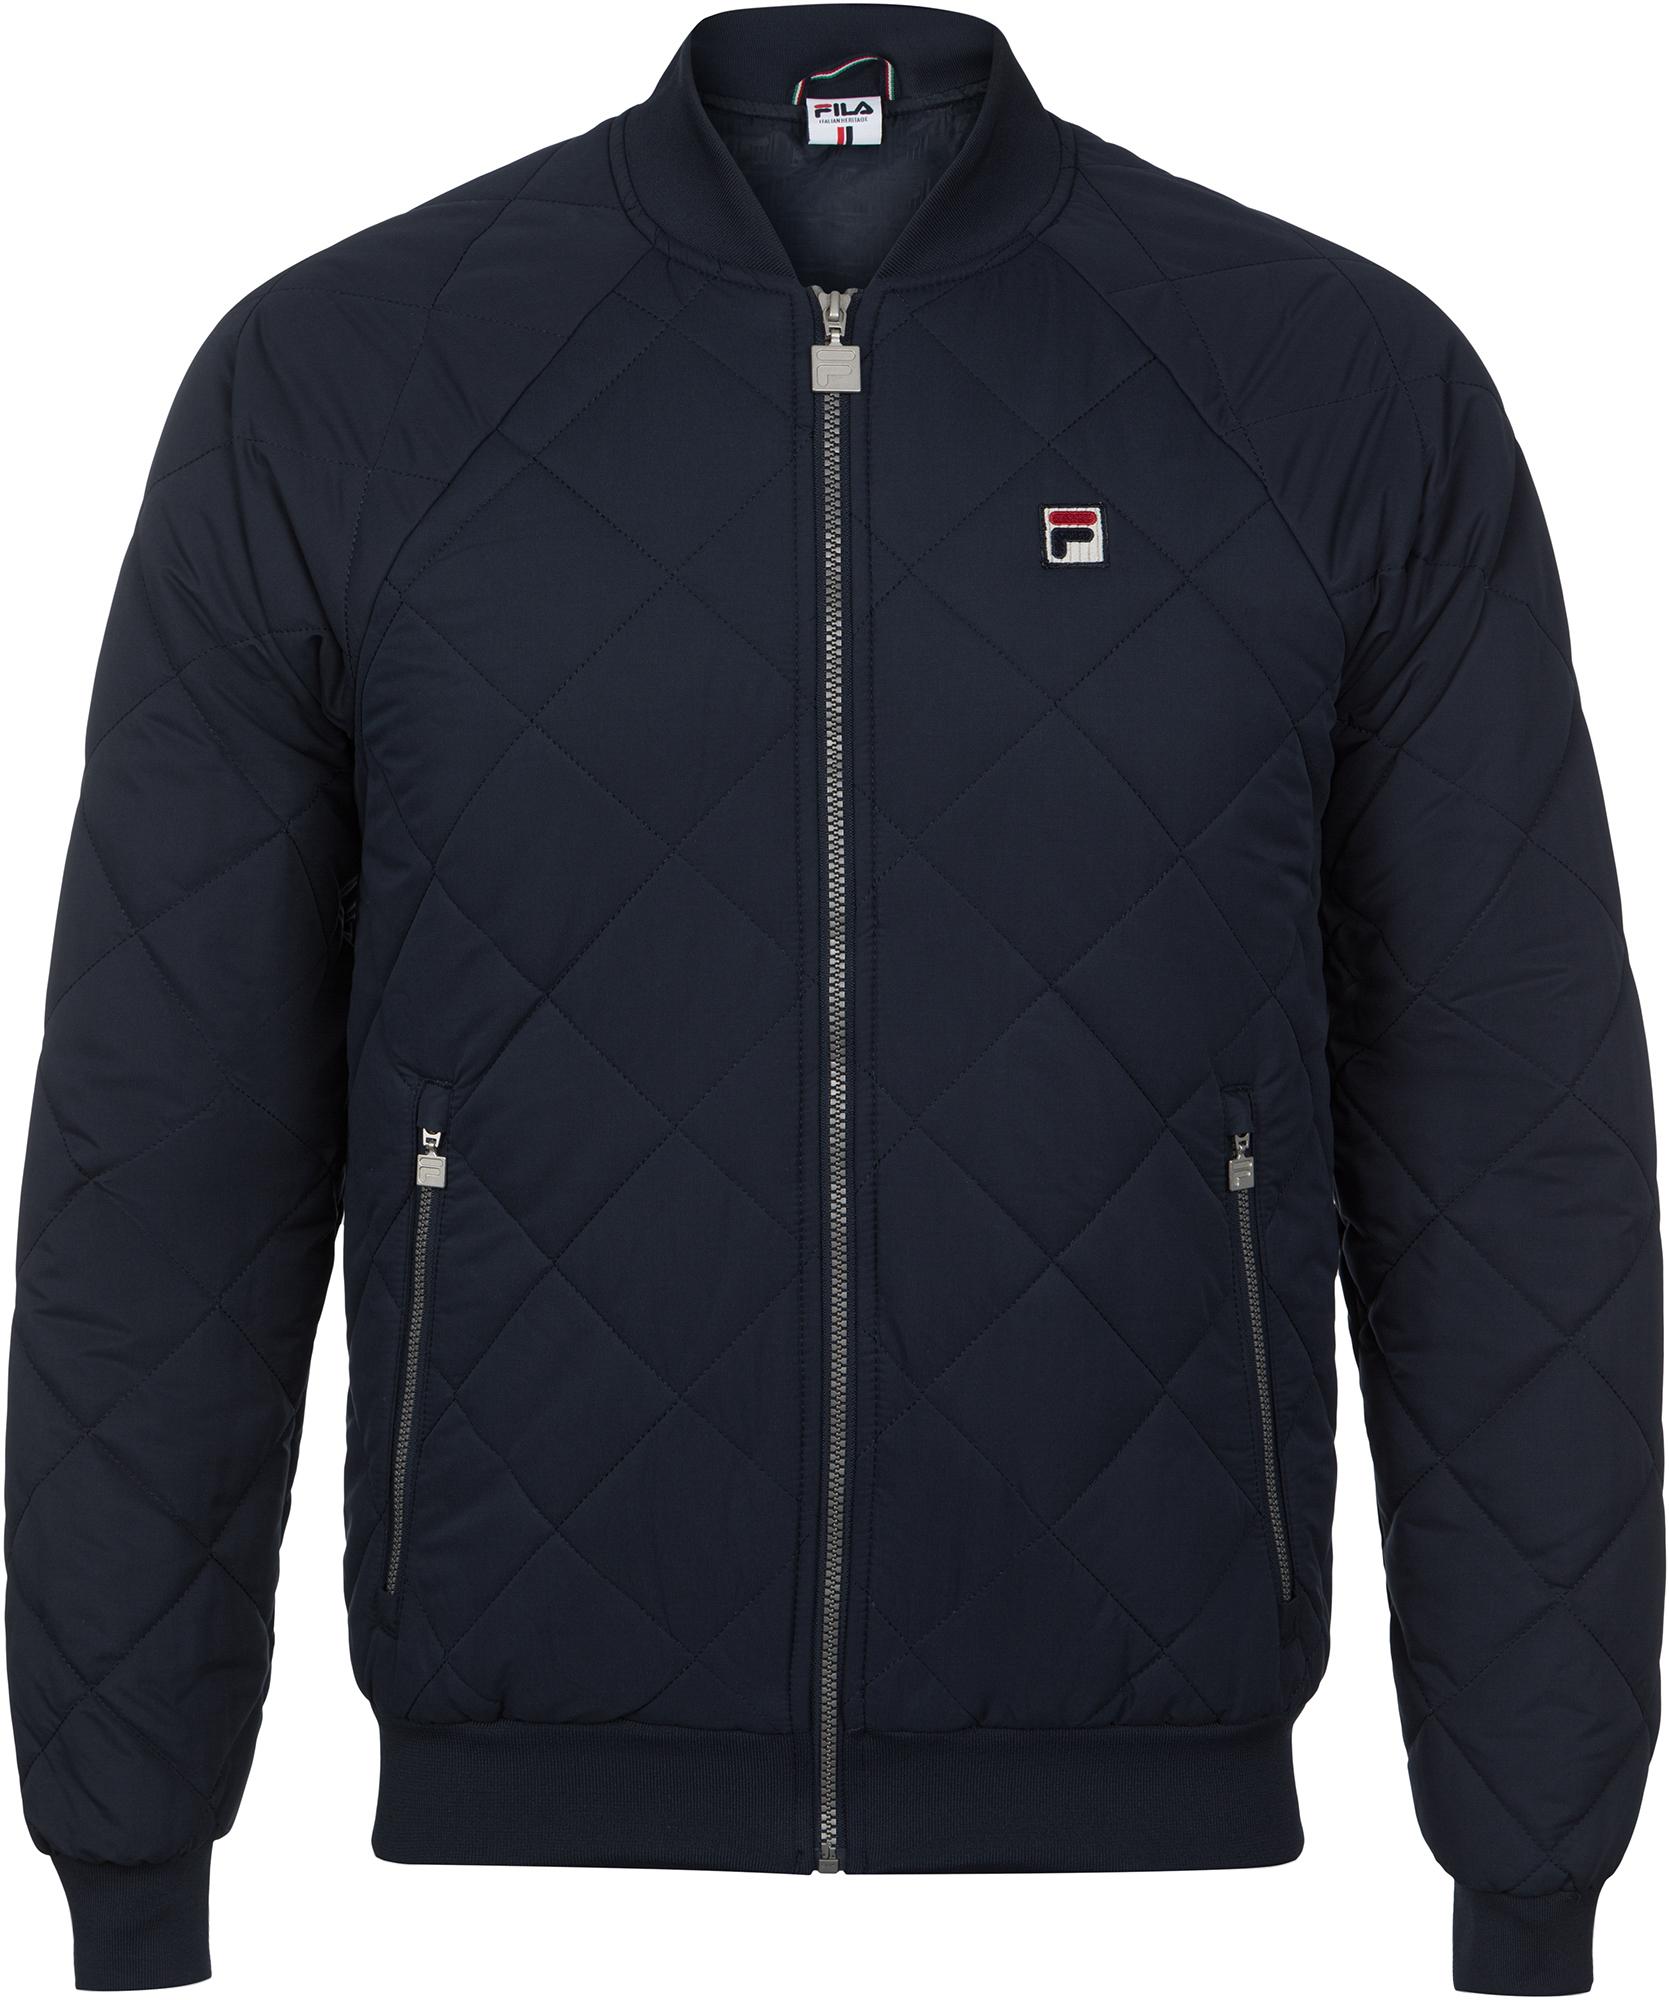 цена Fila Куртка утепленная мужская Fila, размер 54 онлайн в 2017 году